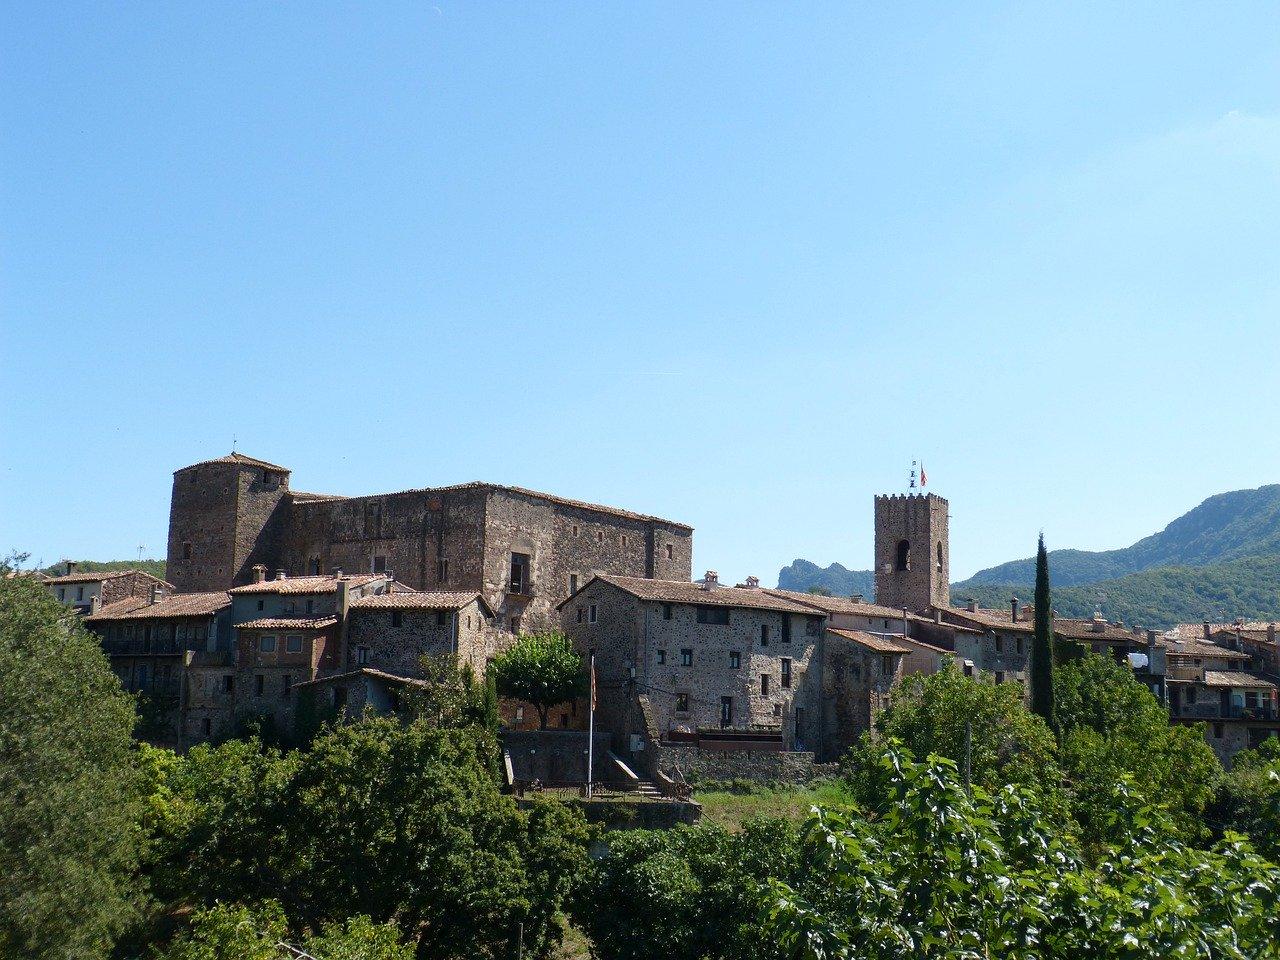 Alt Santa-Pau_La-Garrotxa_Girona_Catalun-a, title Santa-Pau_La-Garrotxa_Girona_Catalun-a